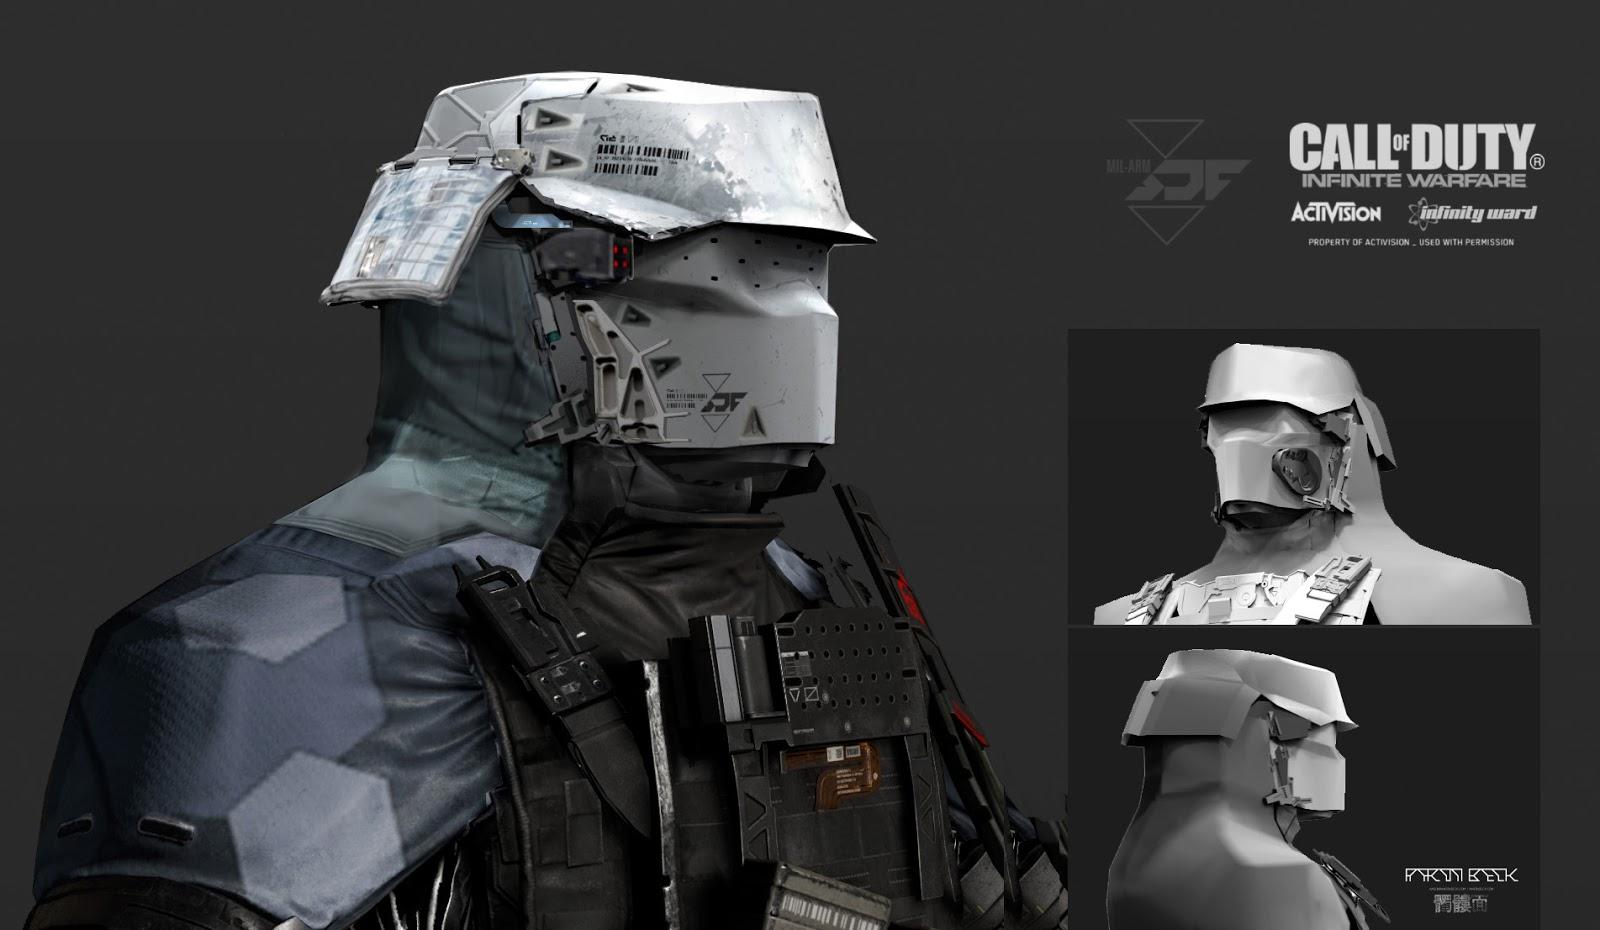 CODIW_Stryker_head5_01.jpg